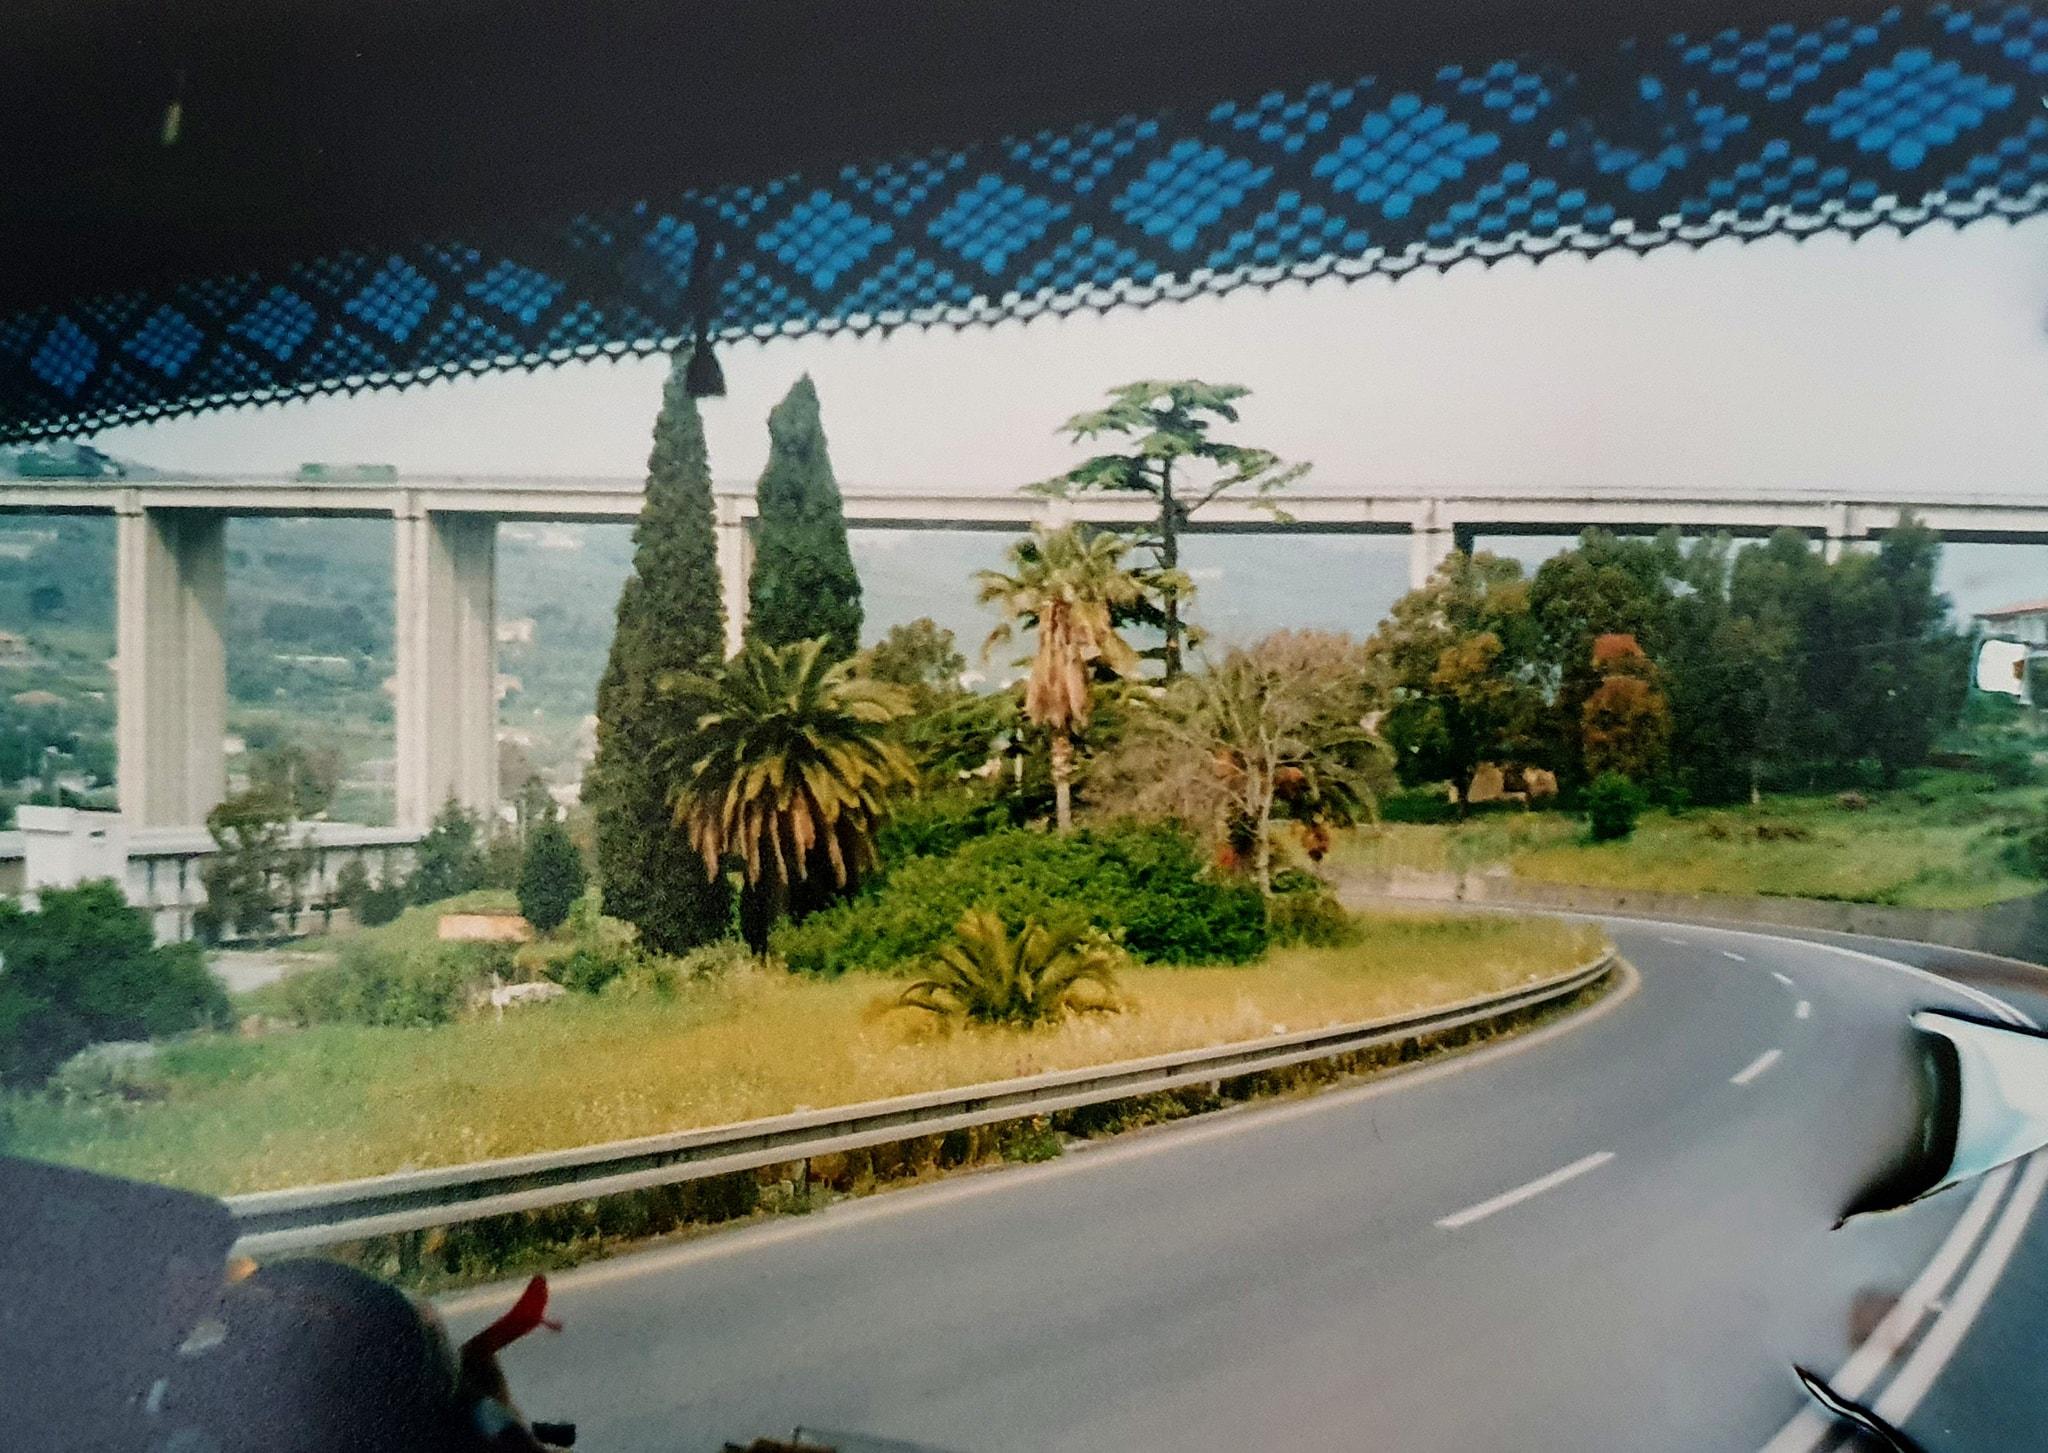 Omgeving-Genua-Italie